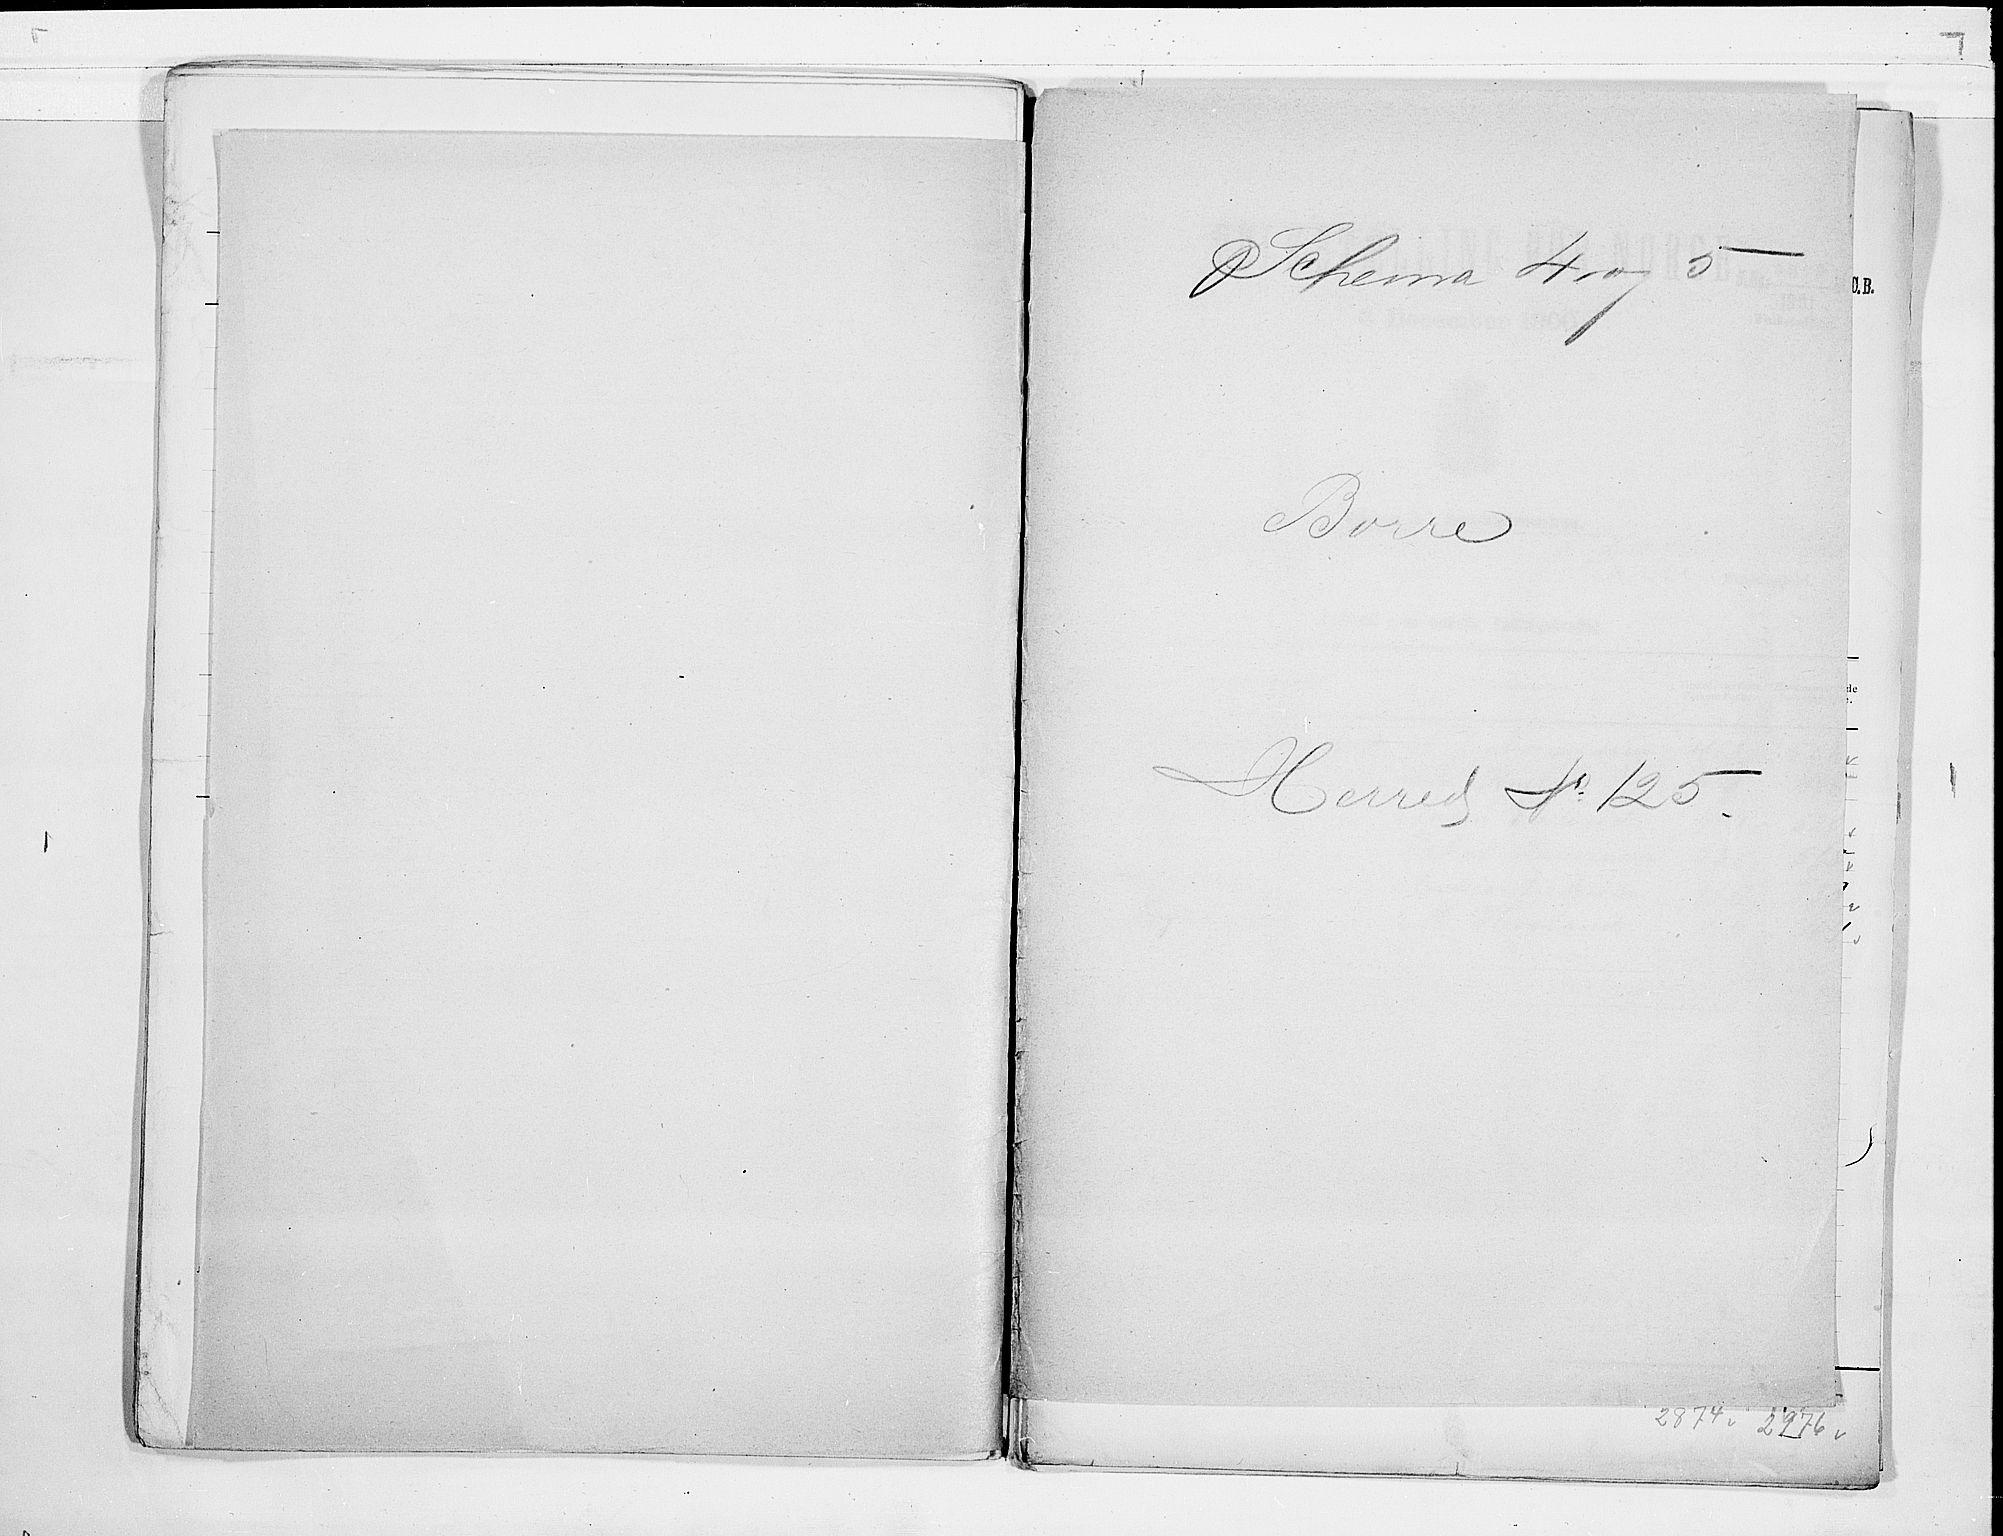 RA, Folketelling 1900 for 0717 Borre herred, 1900, s. 1